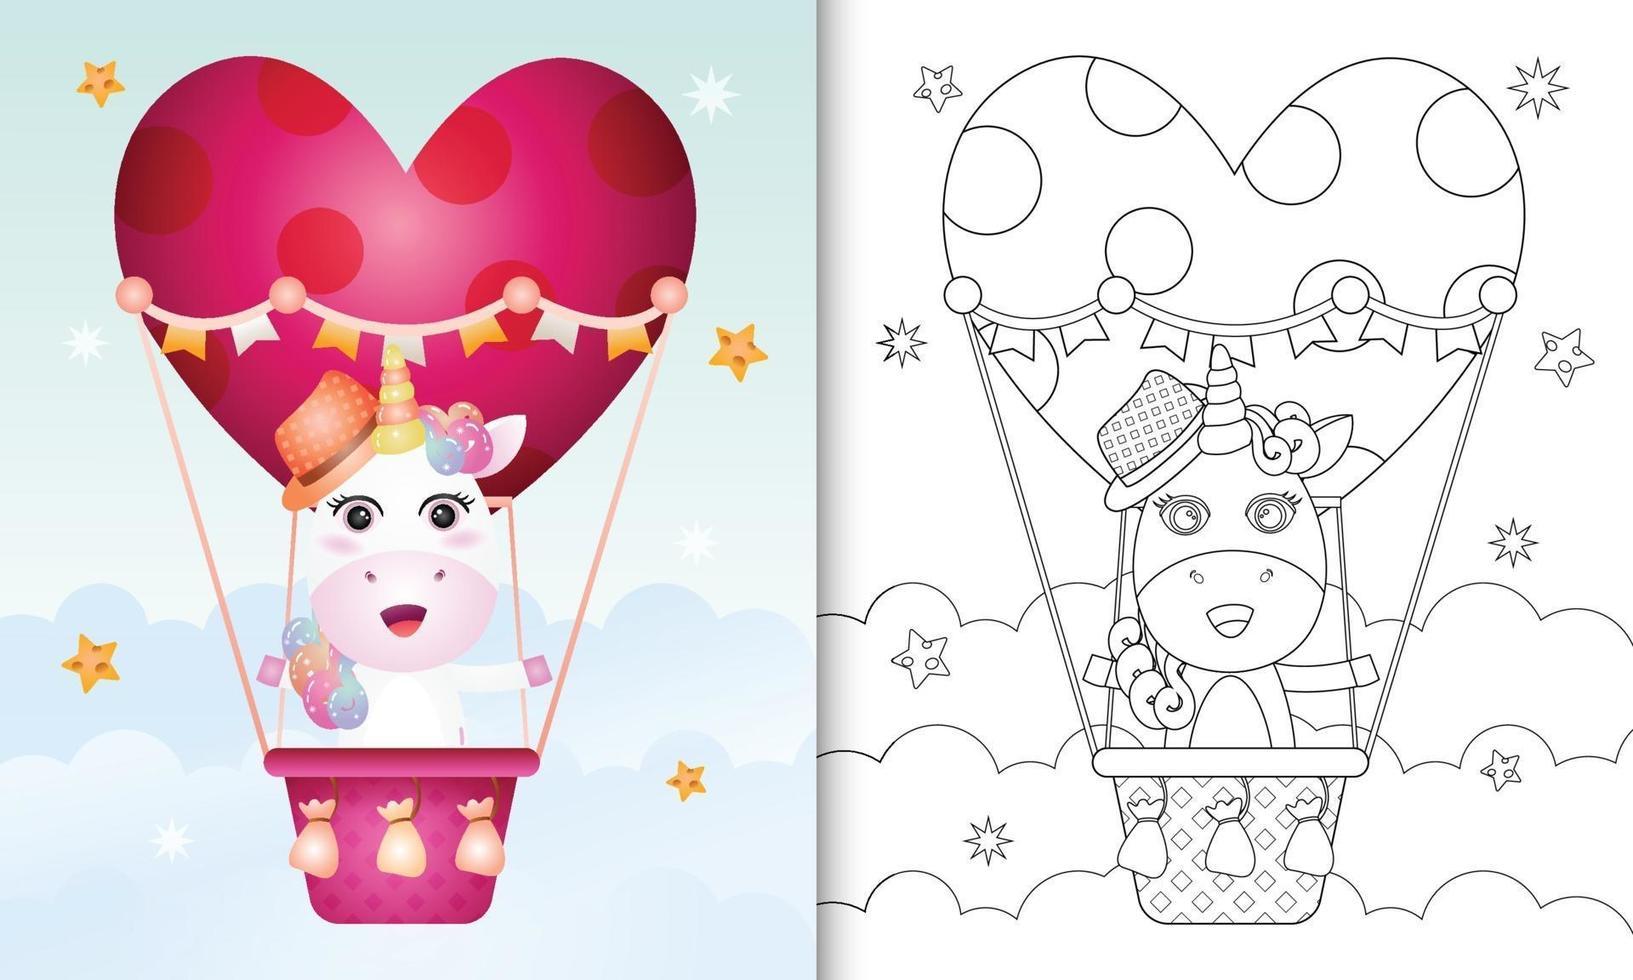 Malbuch für Kinder mit einem niedlichen Einhornmann am Heißluftballon lieben themenorientierten Valentinstag vektor